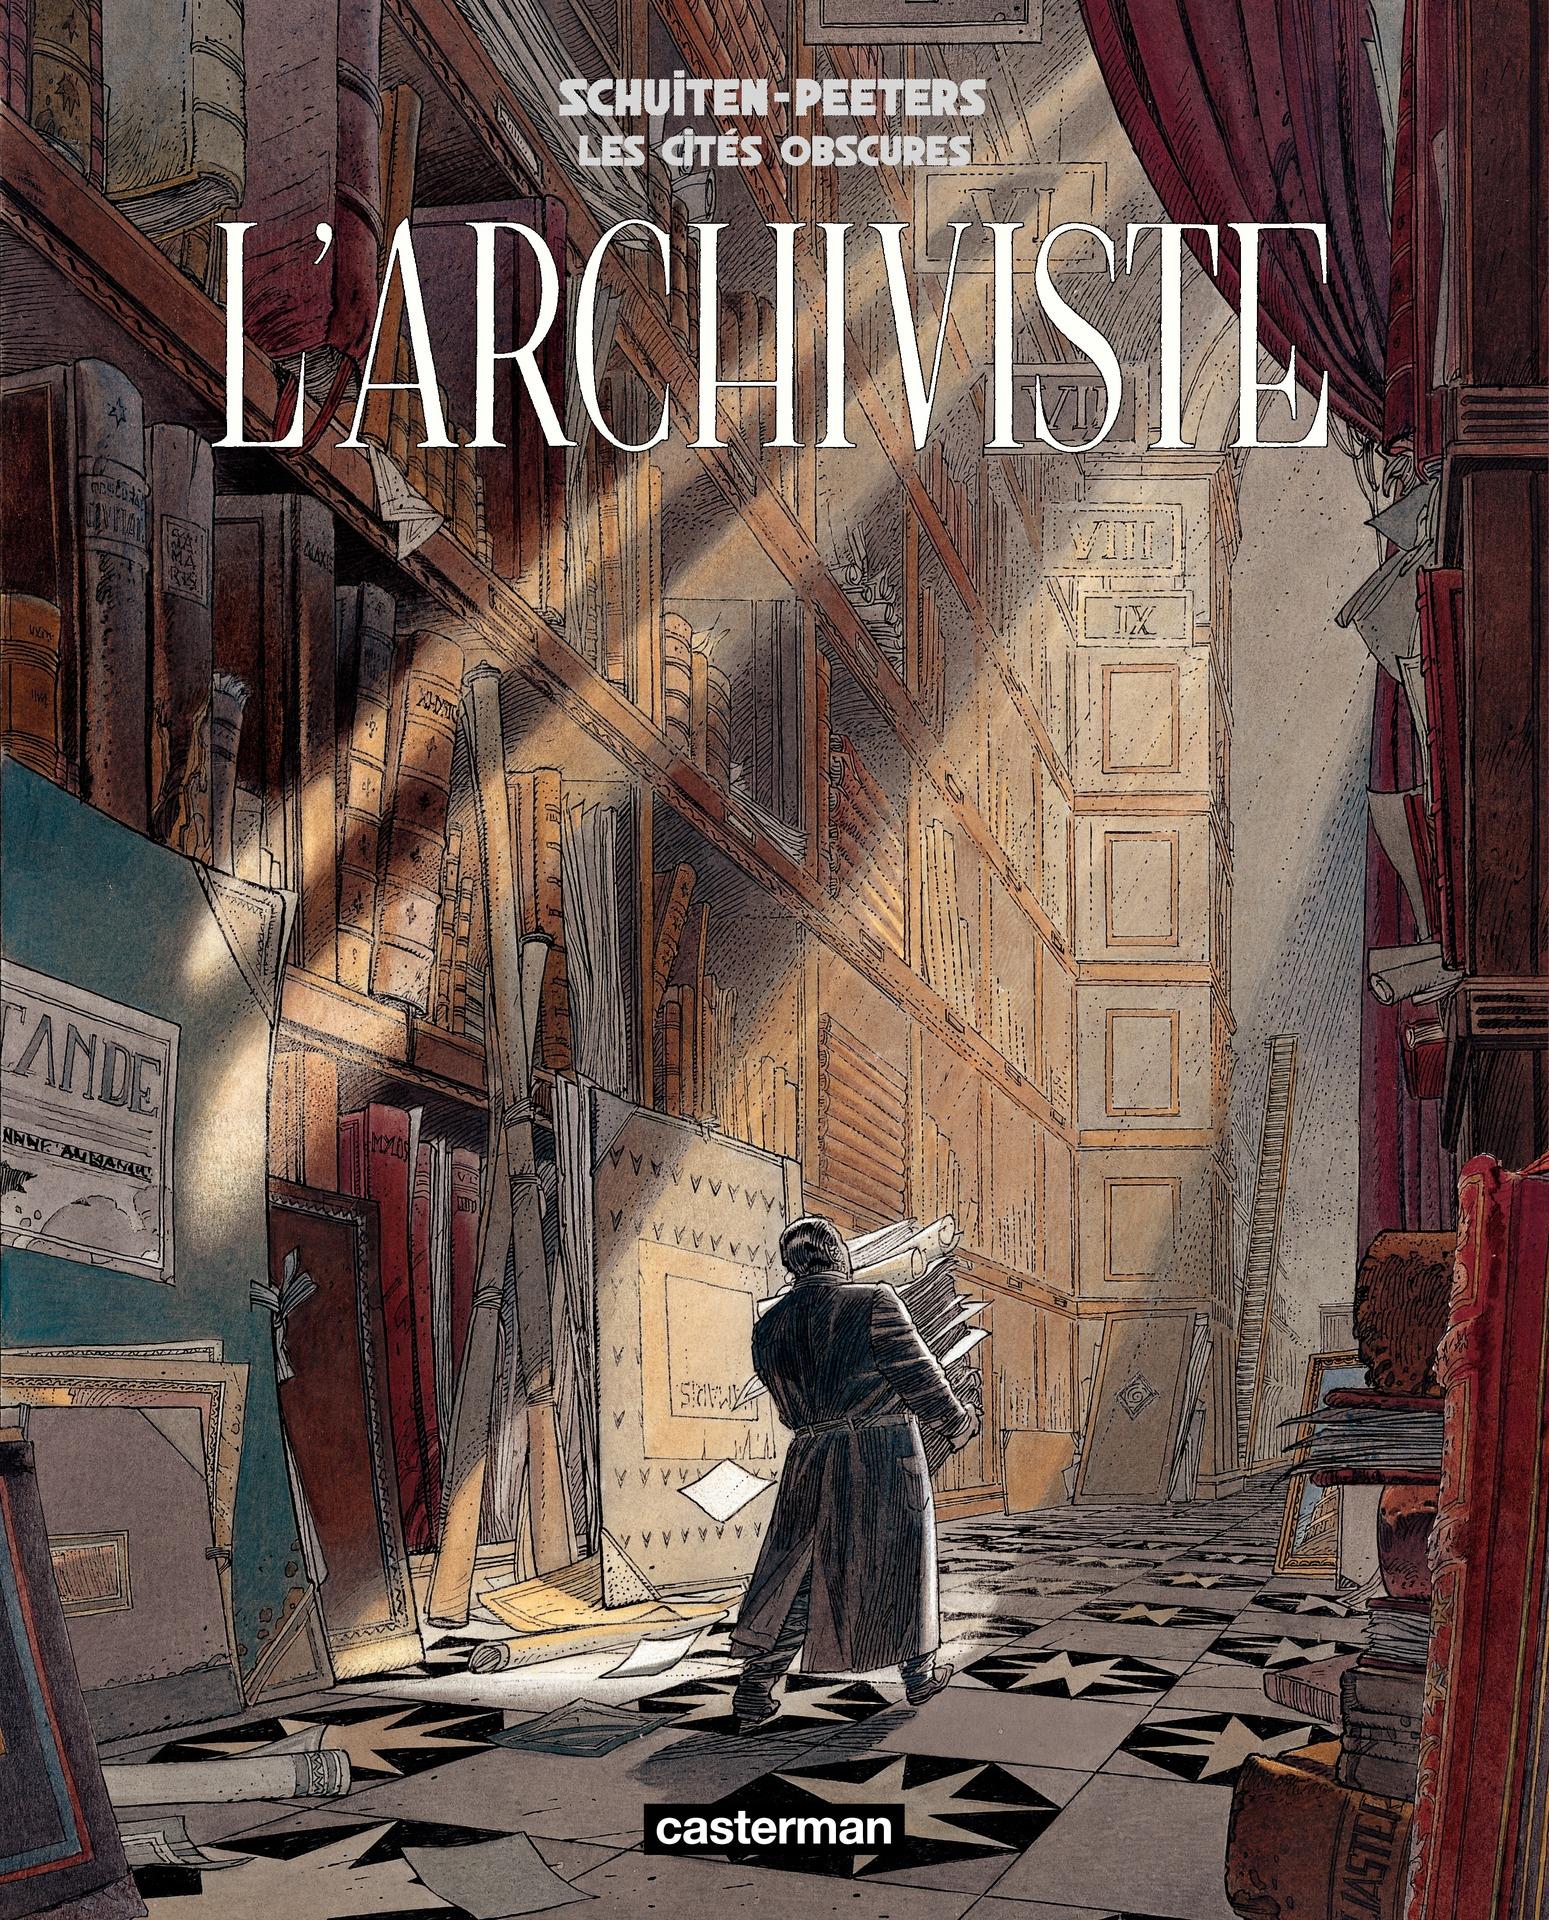 Les Cités obscures - L'archiviste